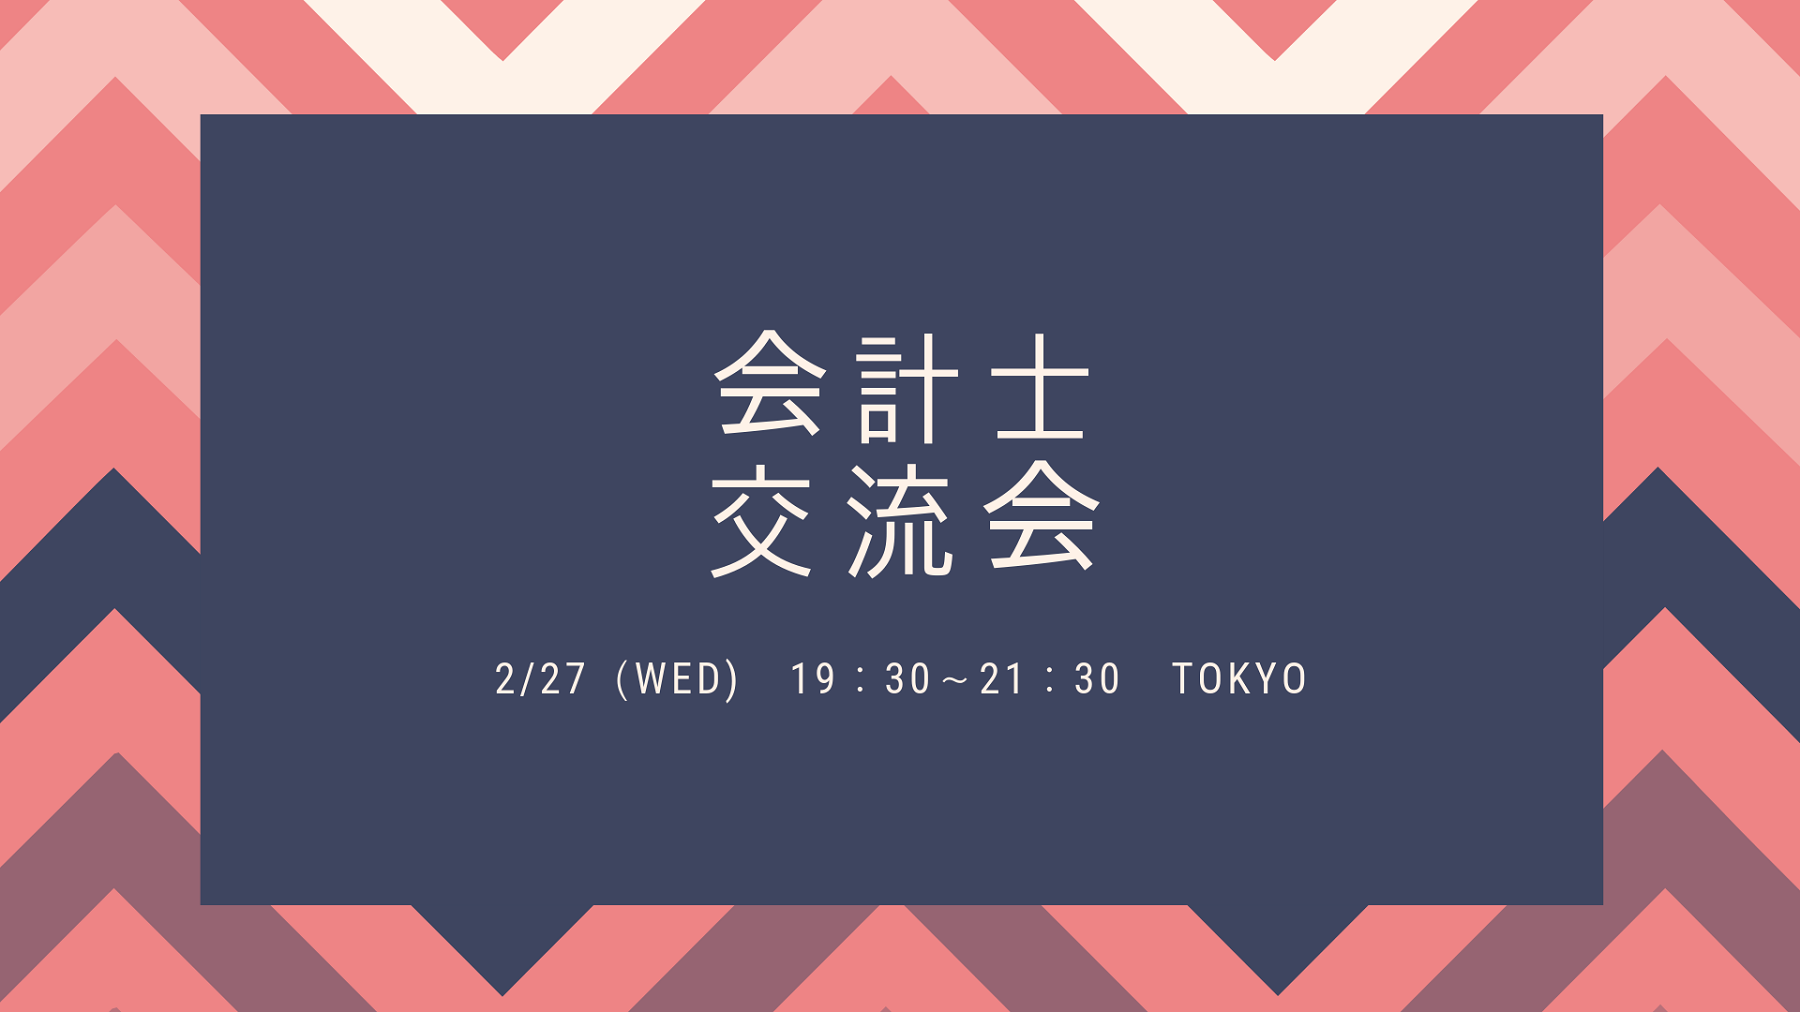 【2月27日開催】会計士交流会(CFO・PEファンド・FASで活躍する会計士が集まる交流会)